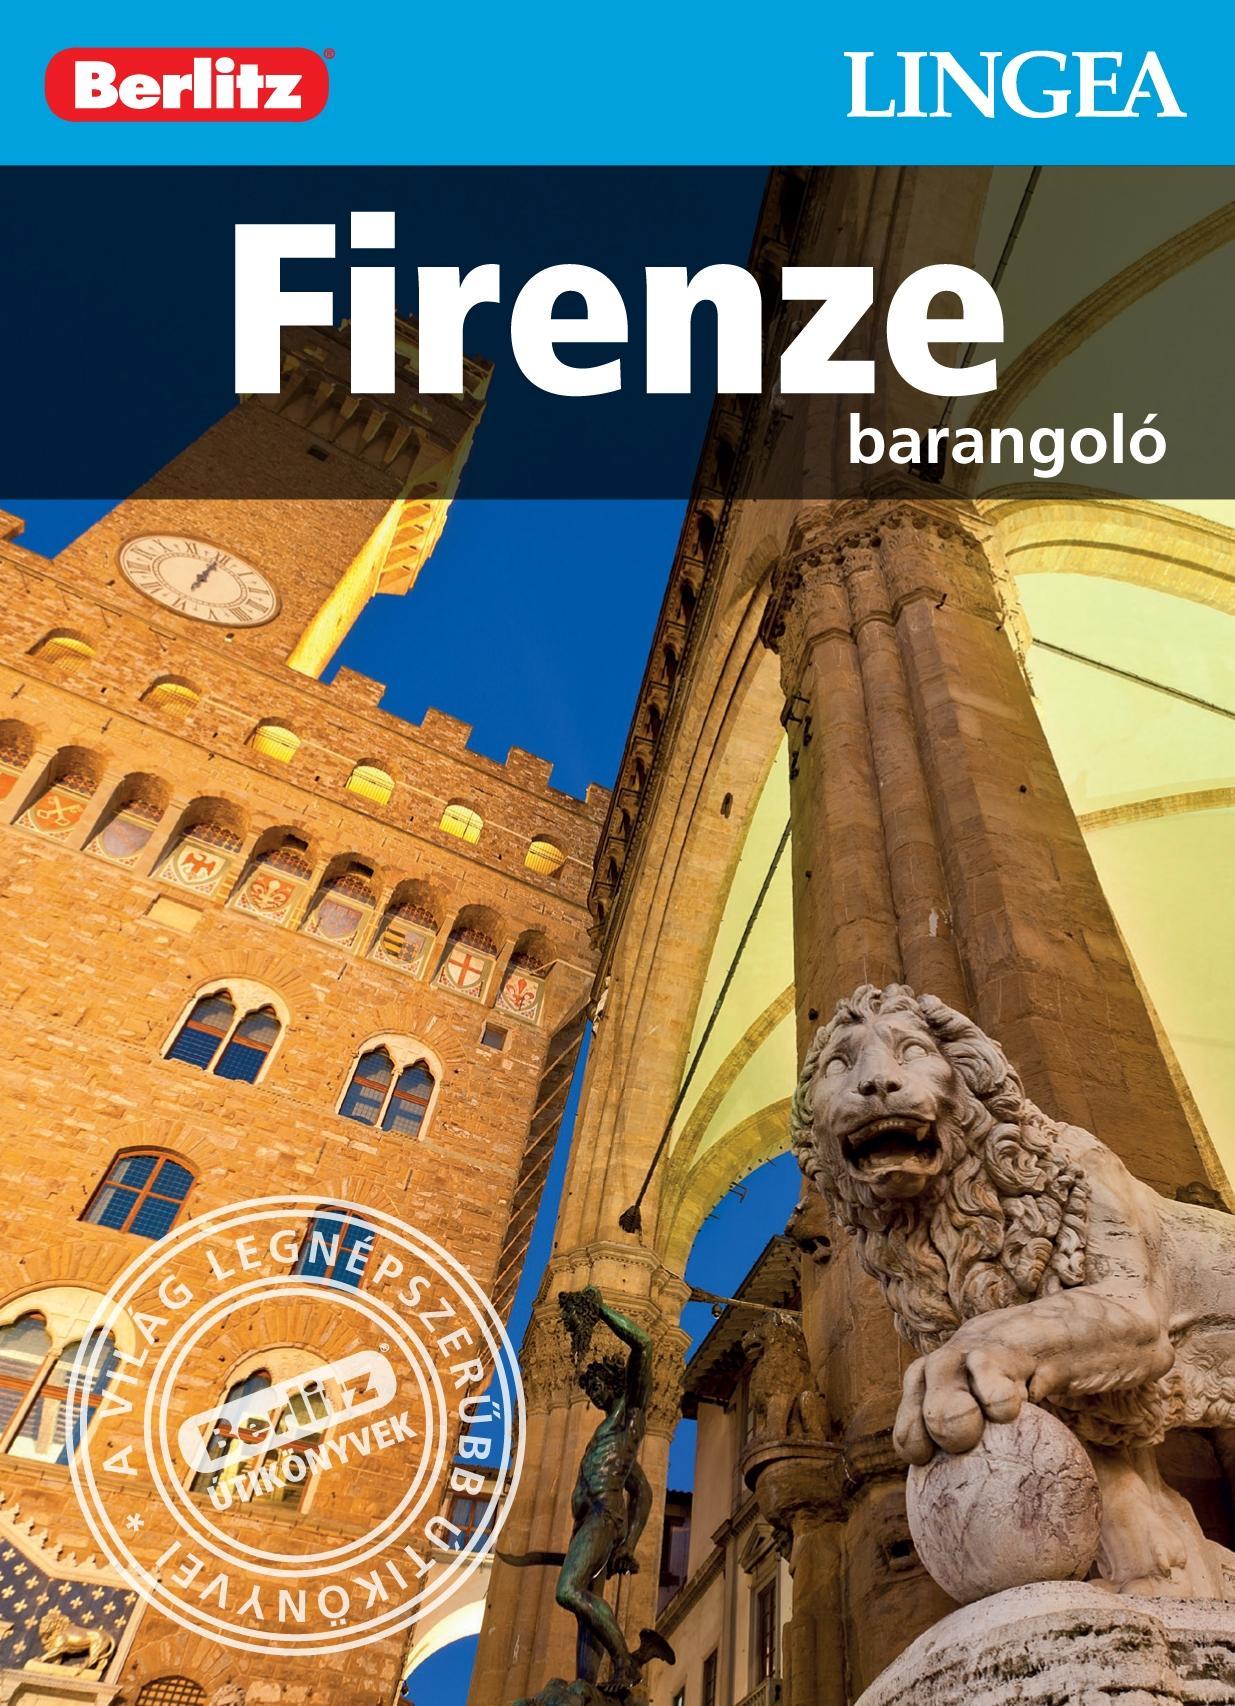 FIRENZE - BARANGOLÓ (BERLITZ)